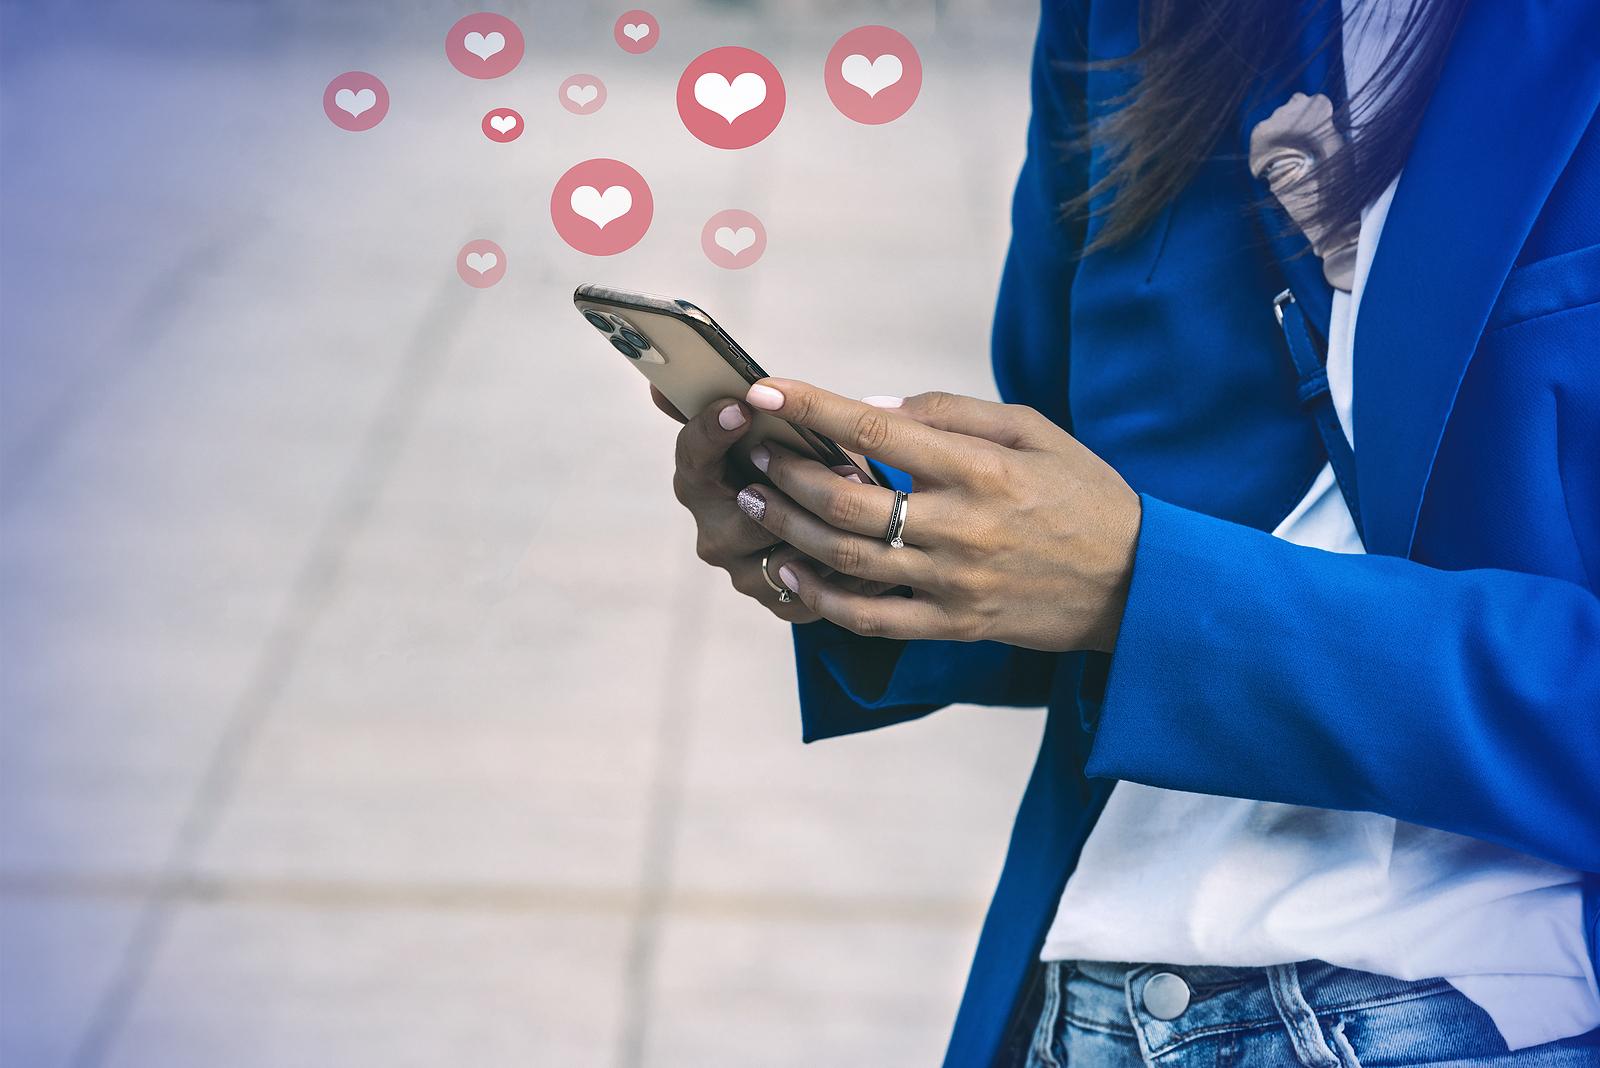 social-media-likes